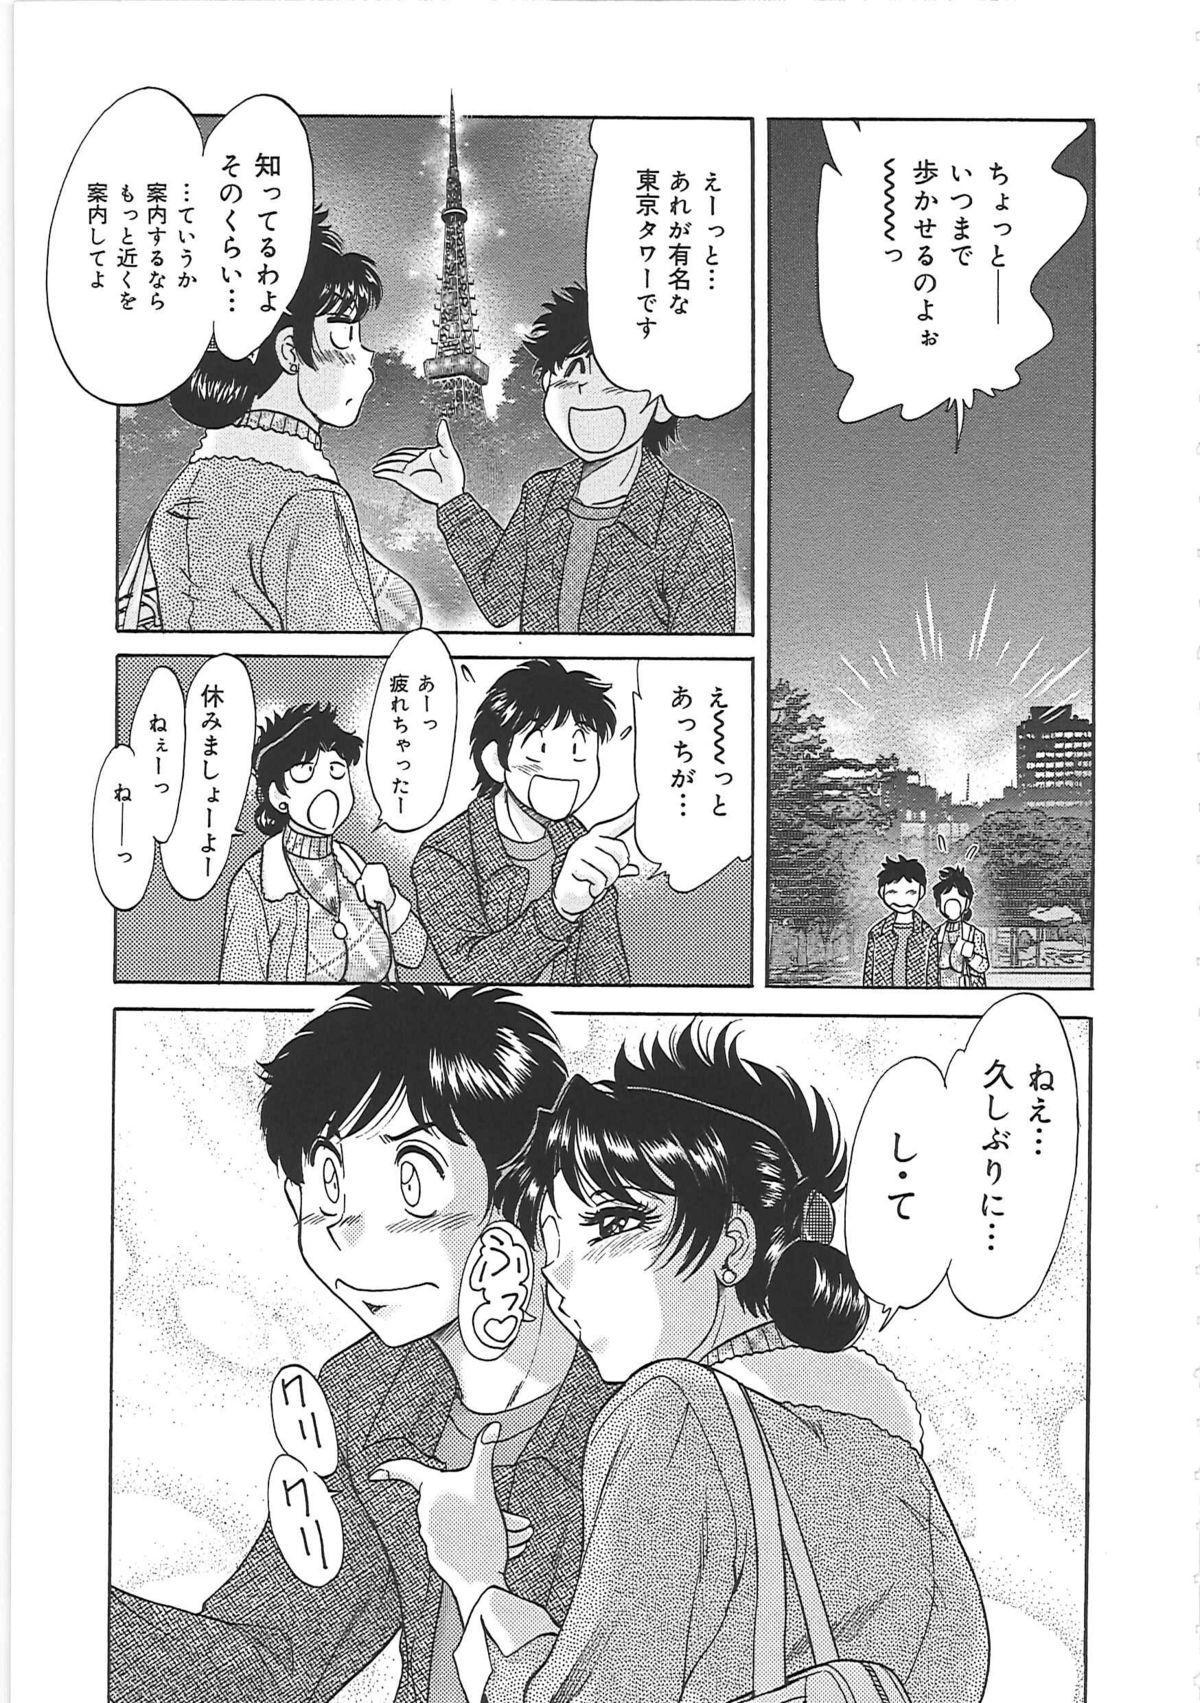 [Chanpon Miyabi] Cho-Onesan Tengoku 6 -Tenrakuhen- 20